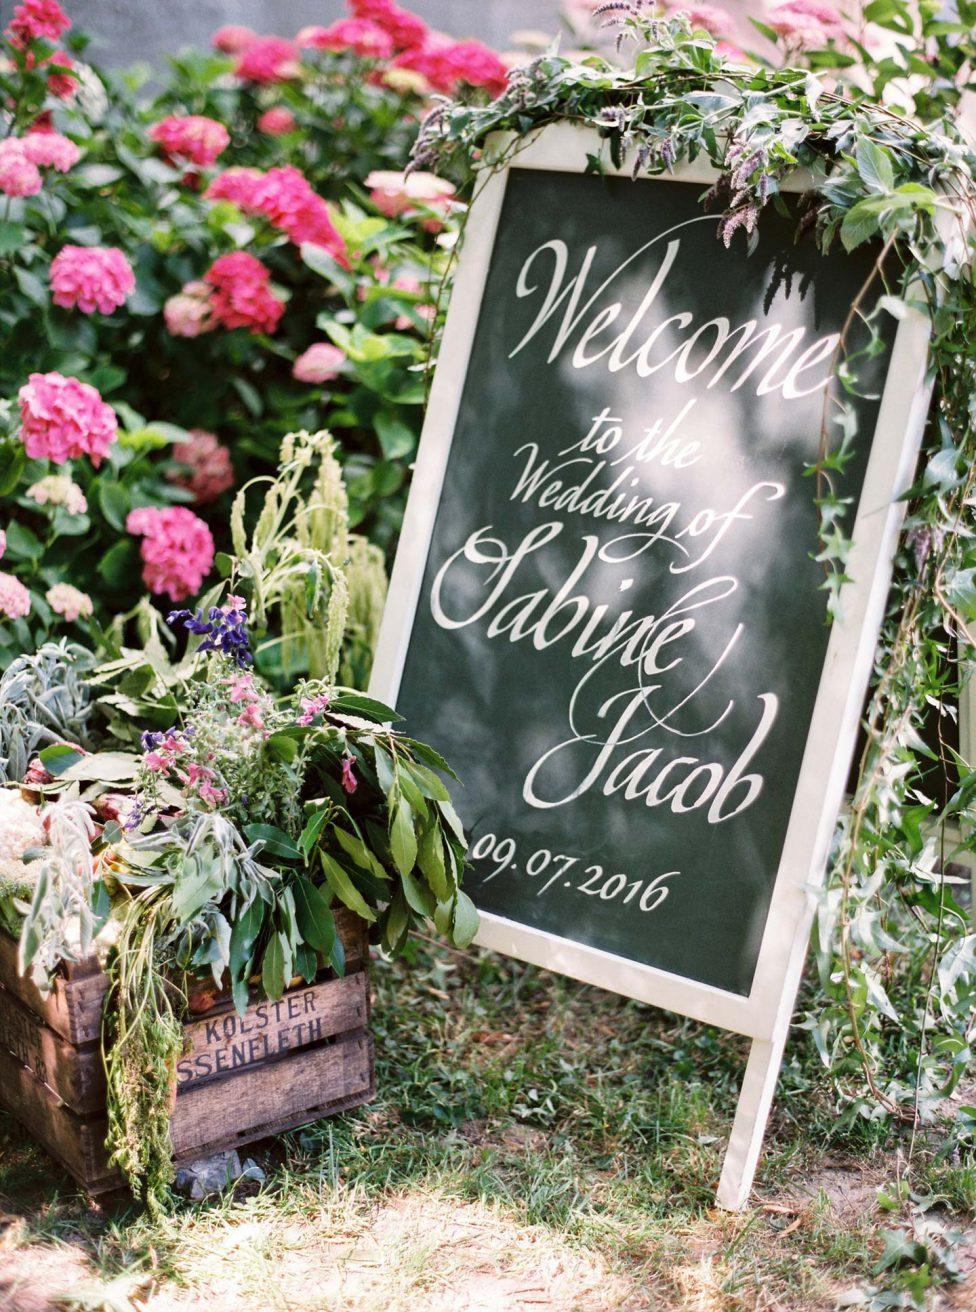 The flavor of life: Sabine & Jacobs Gartenhochzeit